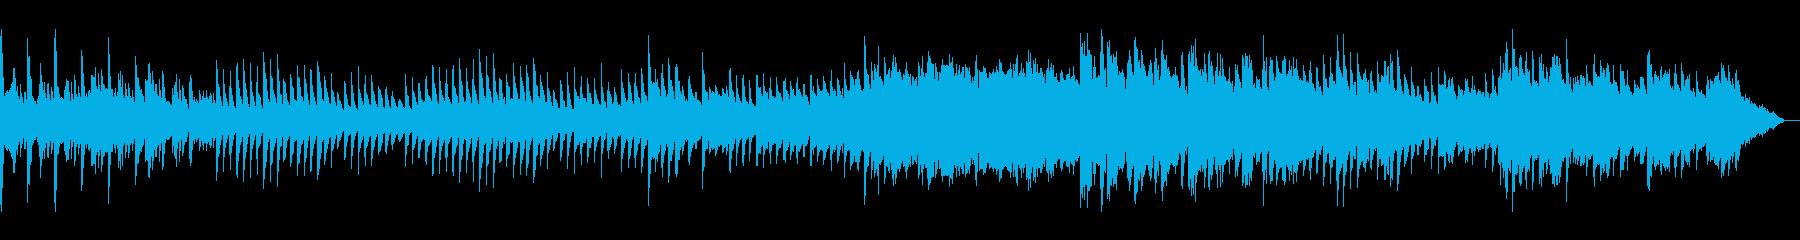 アベマリア(カッチーニ)カラオケの再生済みの波形